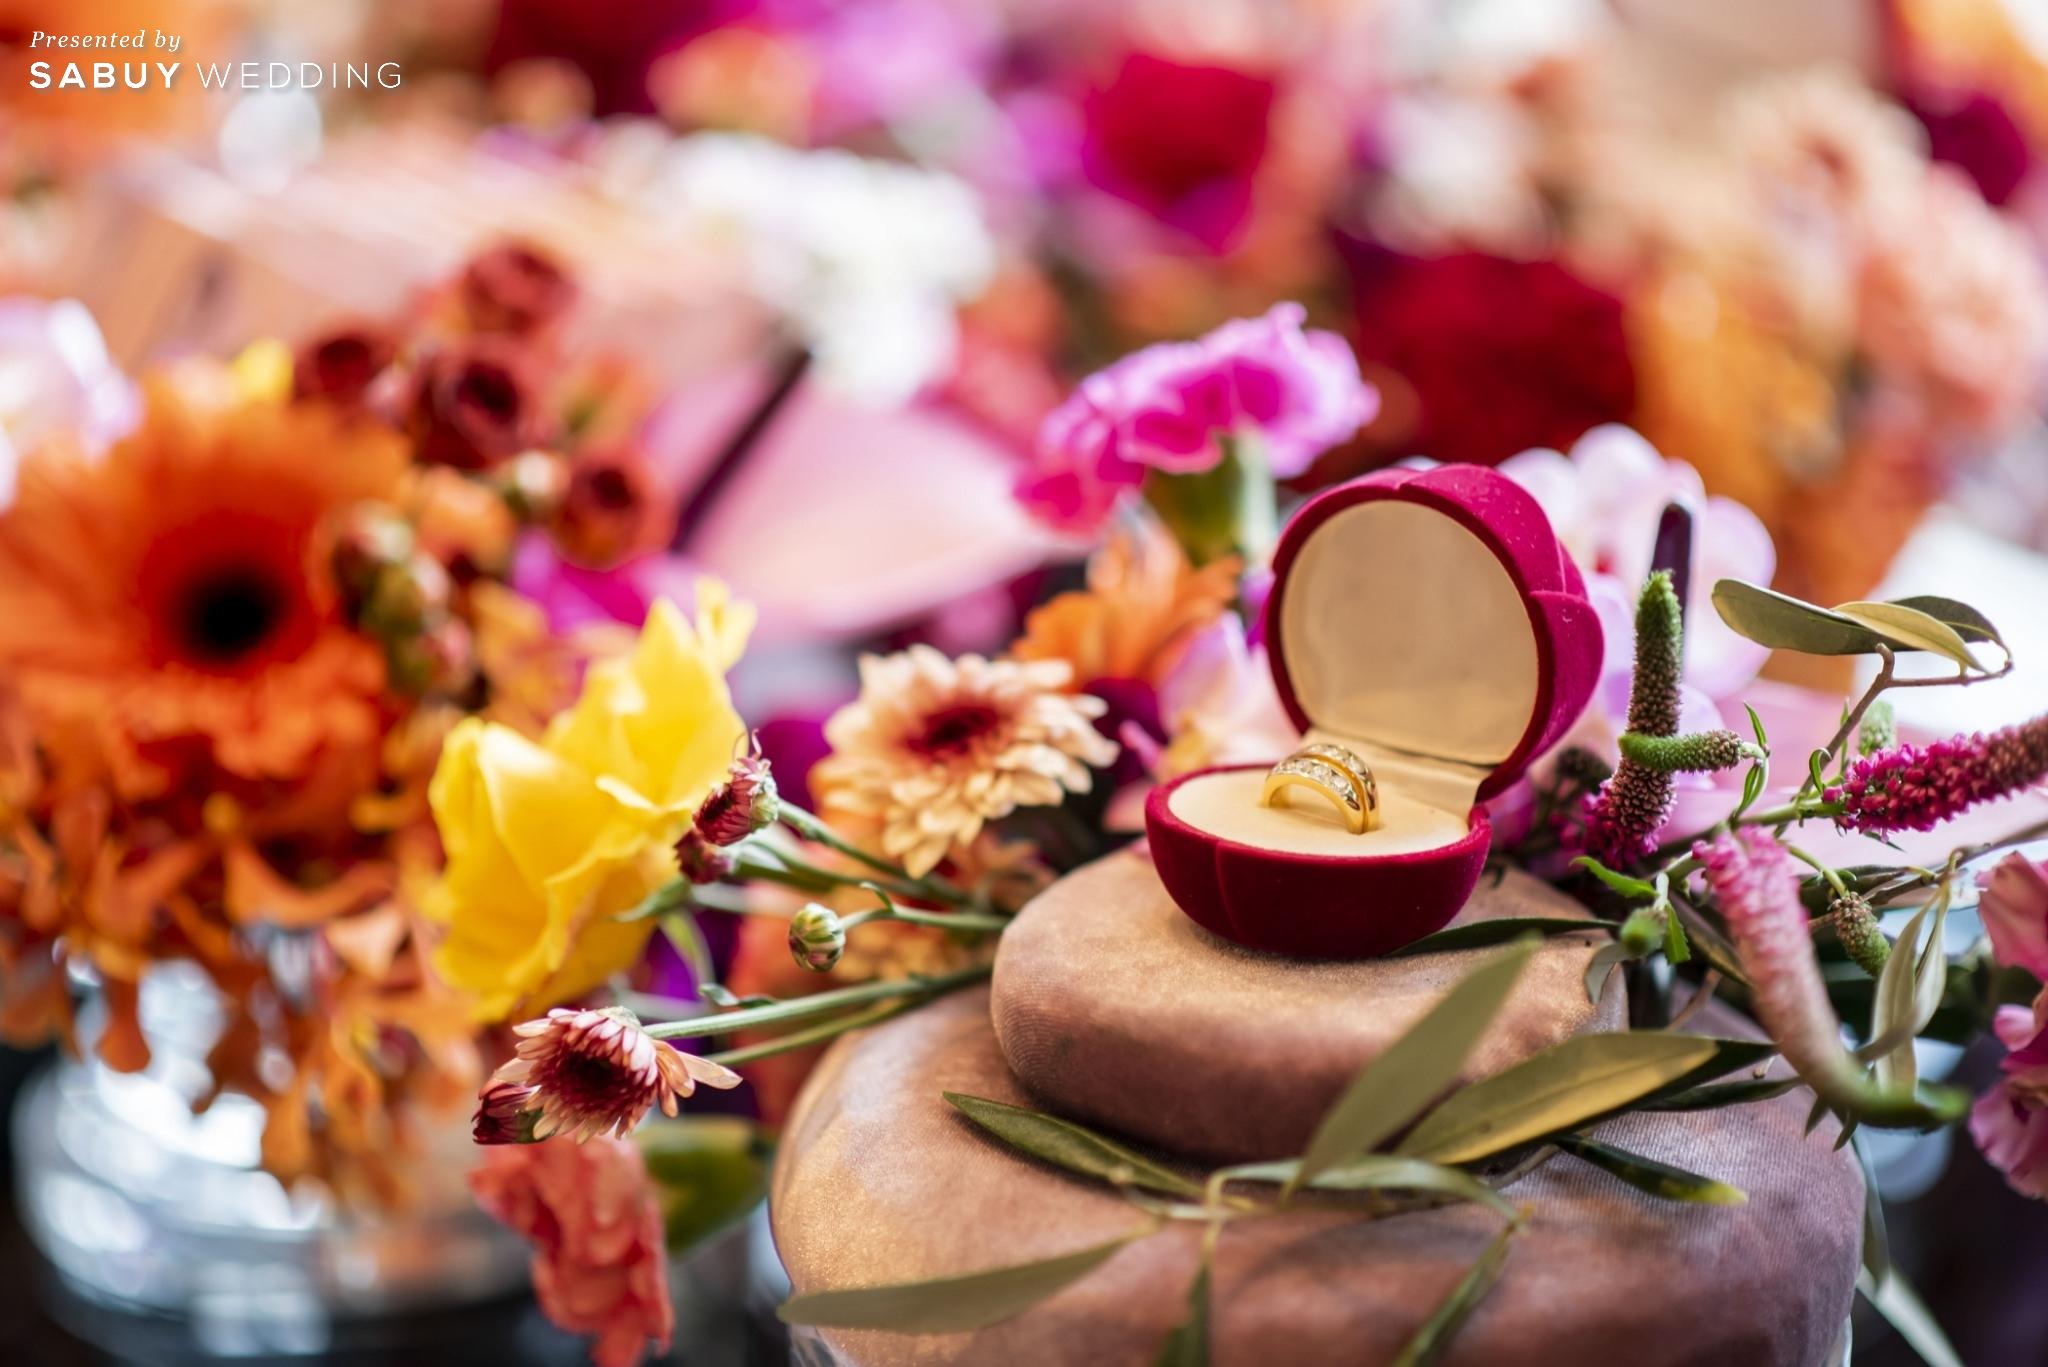 แหวนแต่งงาน รีวิวงานแต่งแซ่บจี๊ดใจ สวยสดใสด้วยโทนสี Colorful @ AVANI+ Riverside Bangkok Hotel